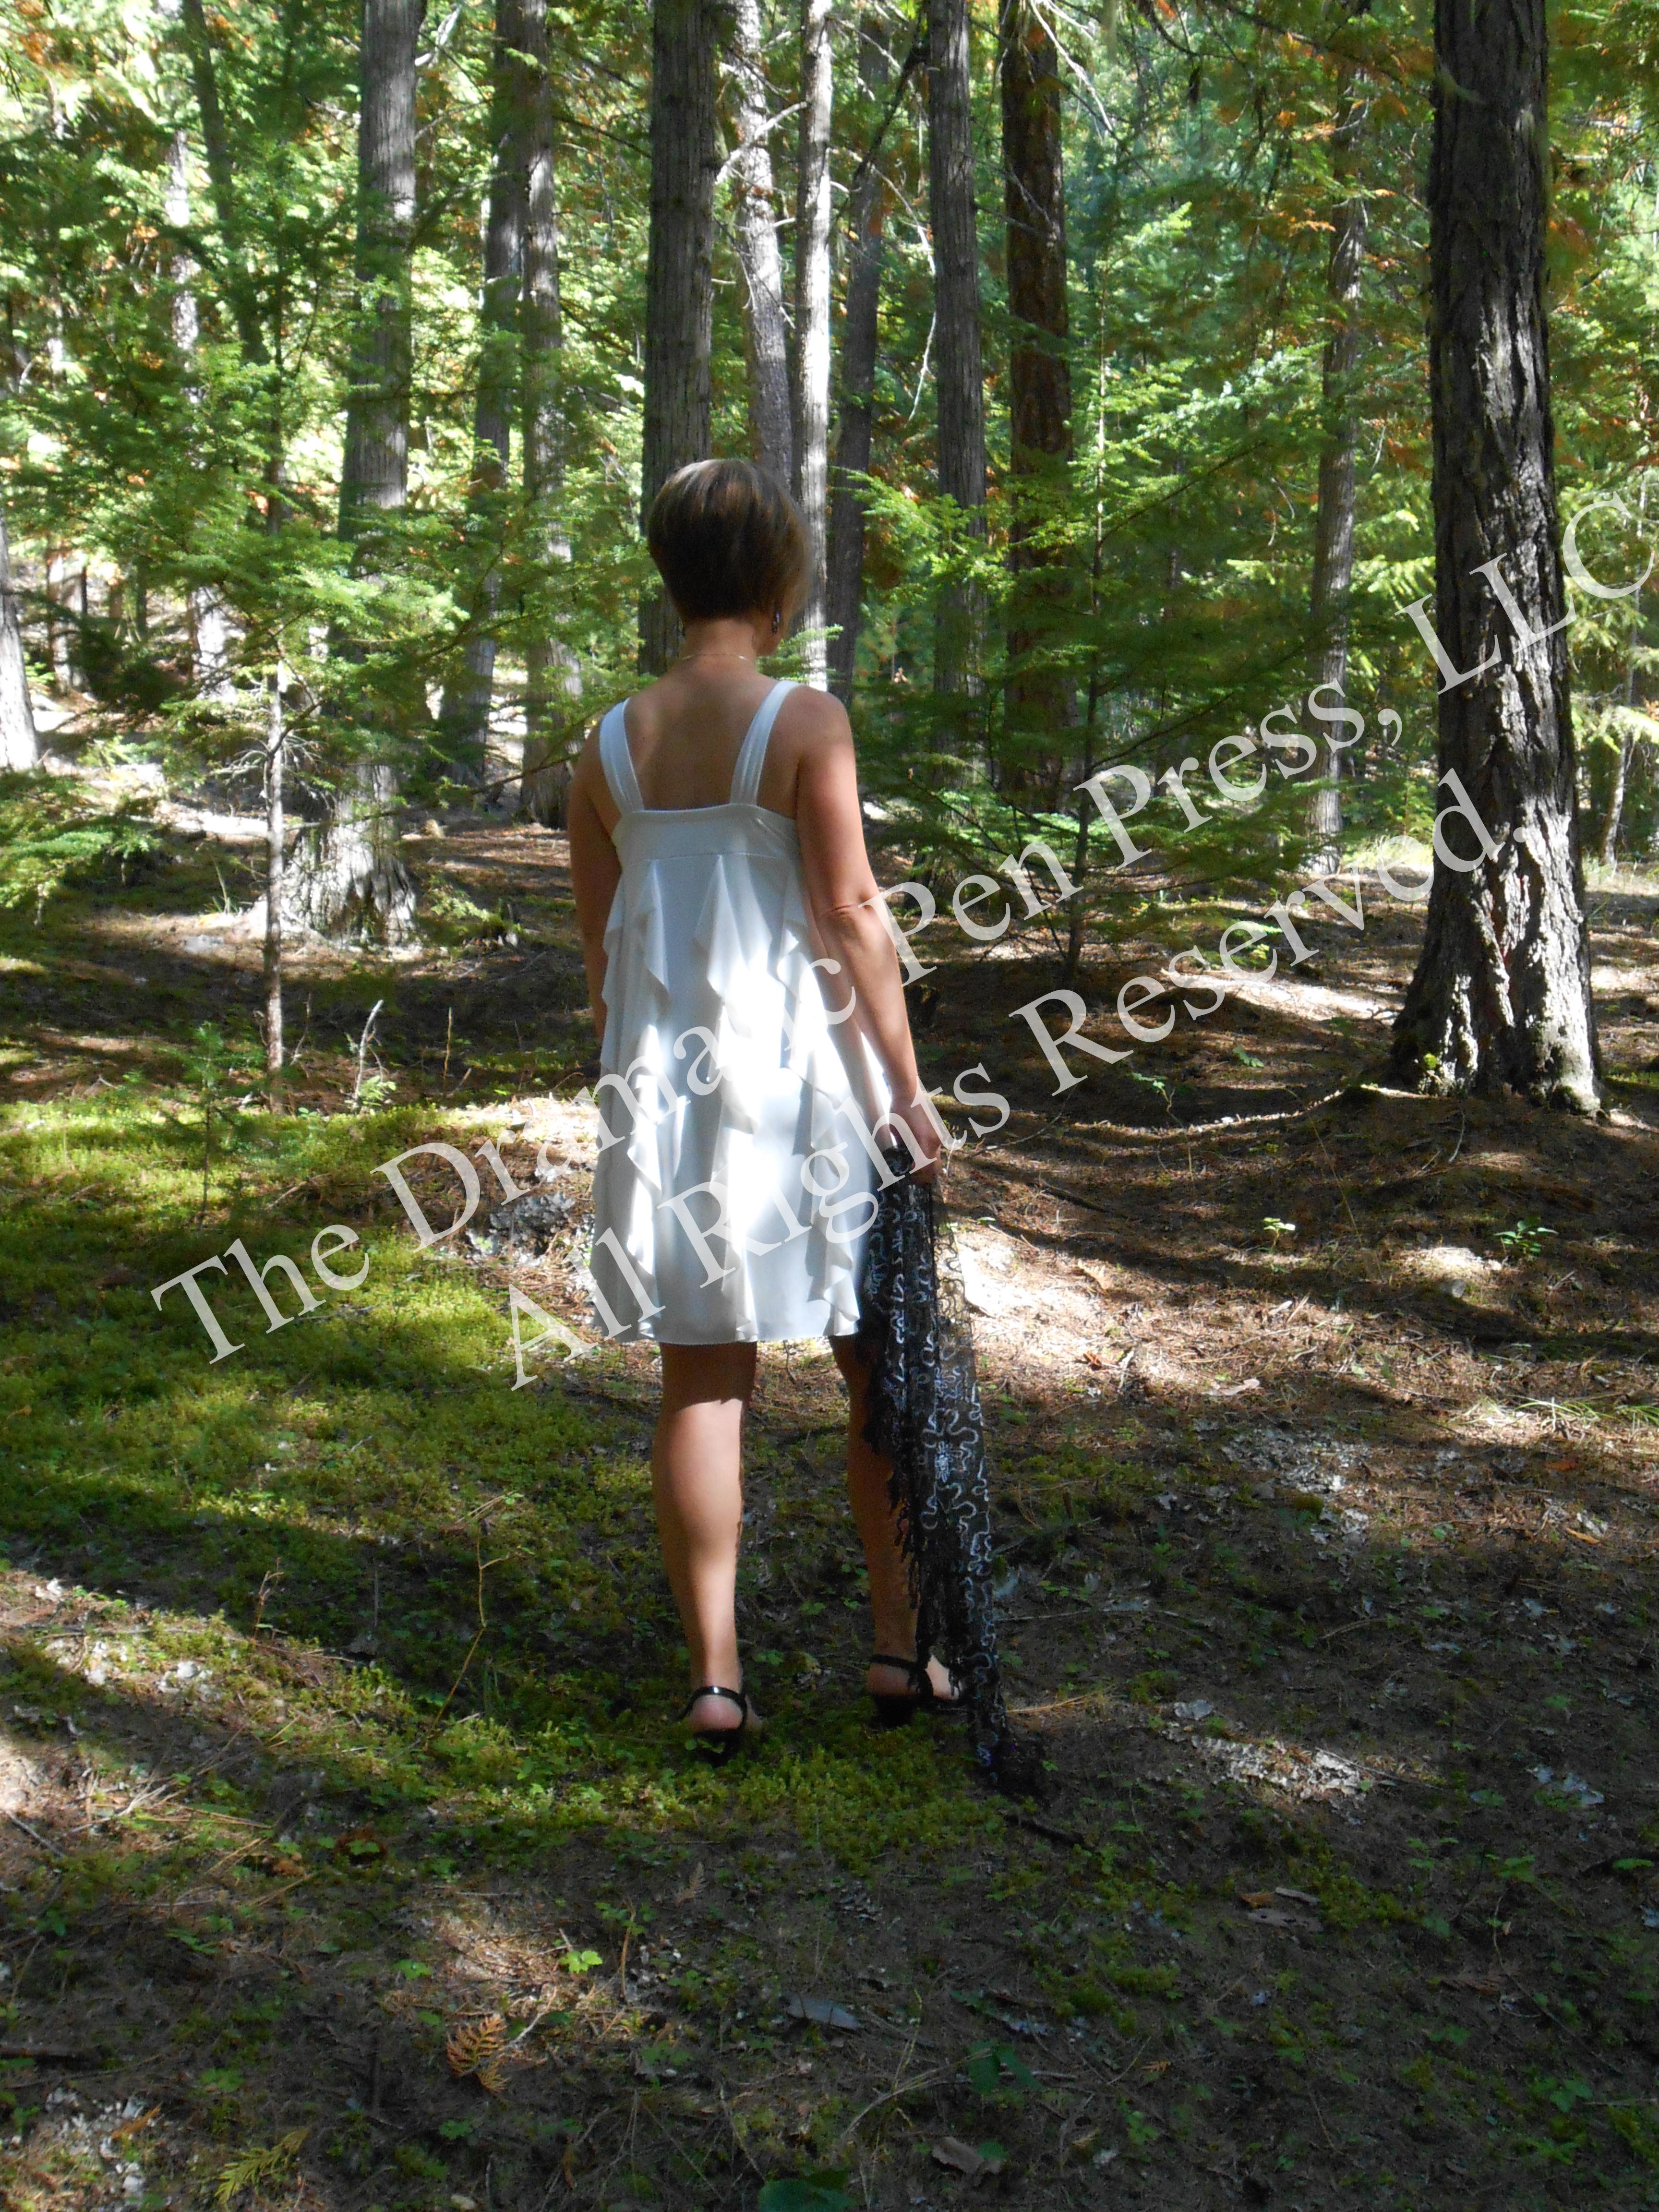 Woman in White Dress Walking Woods